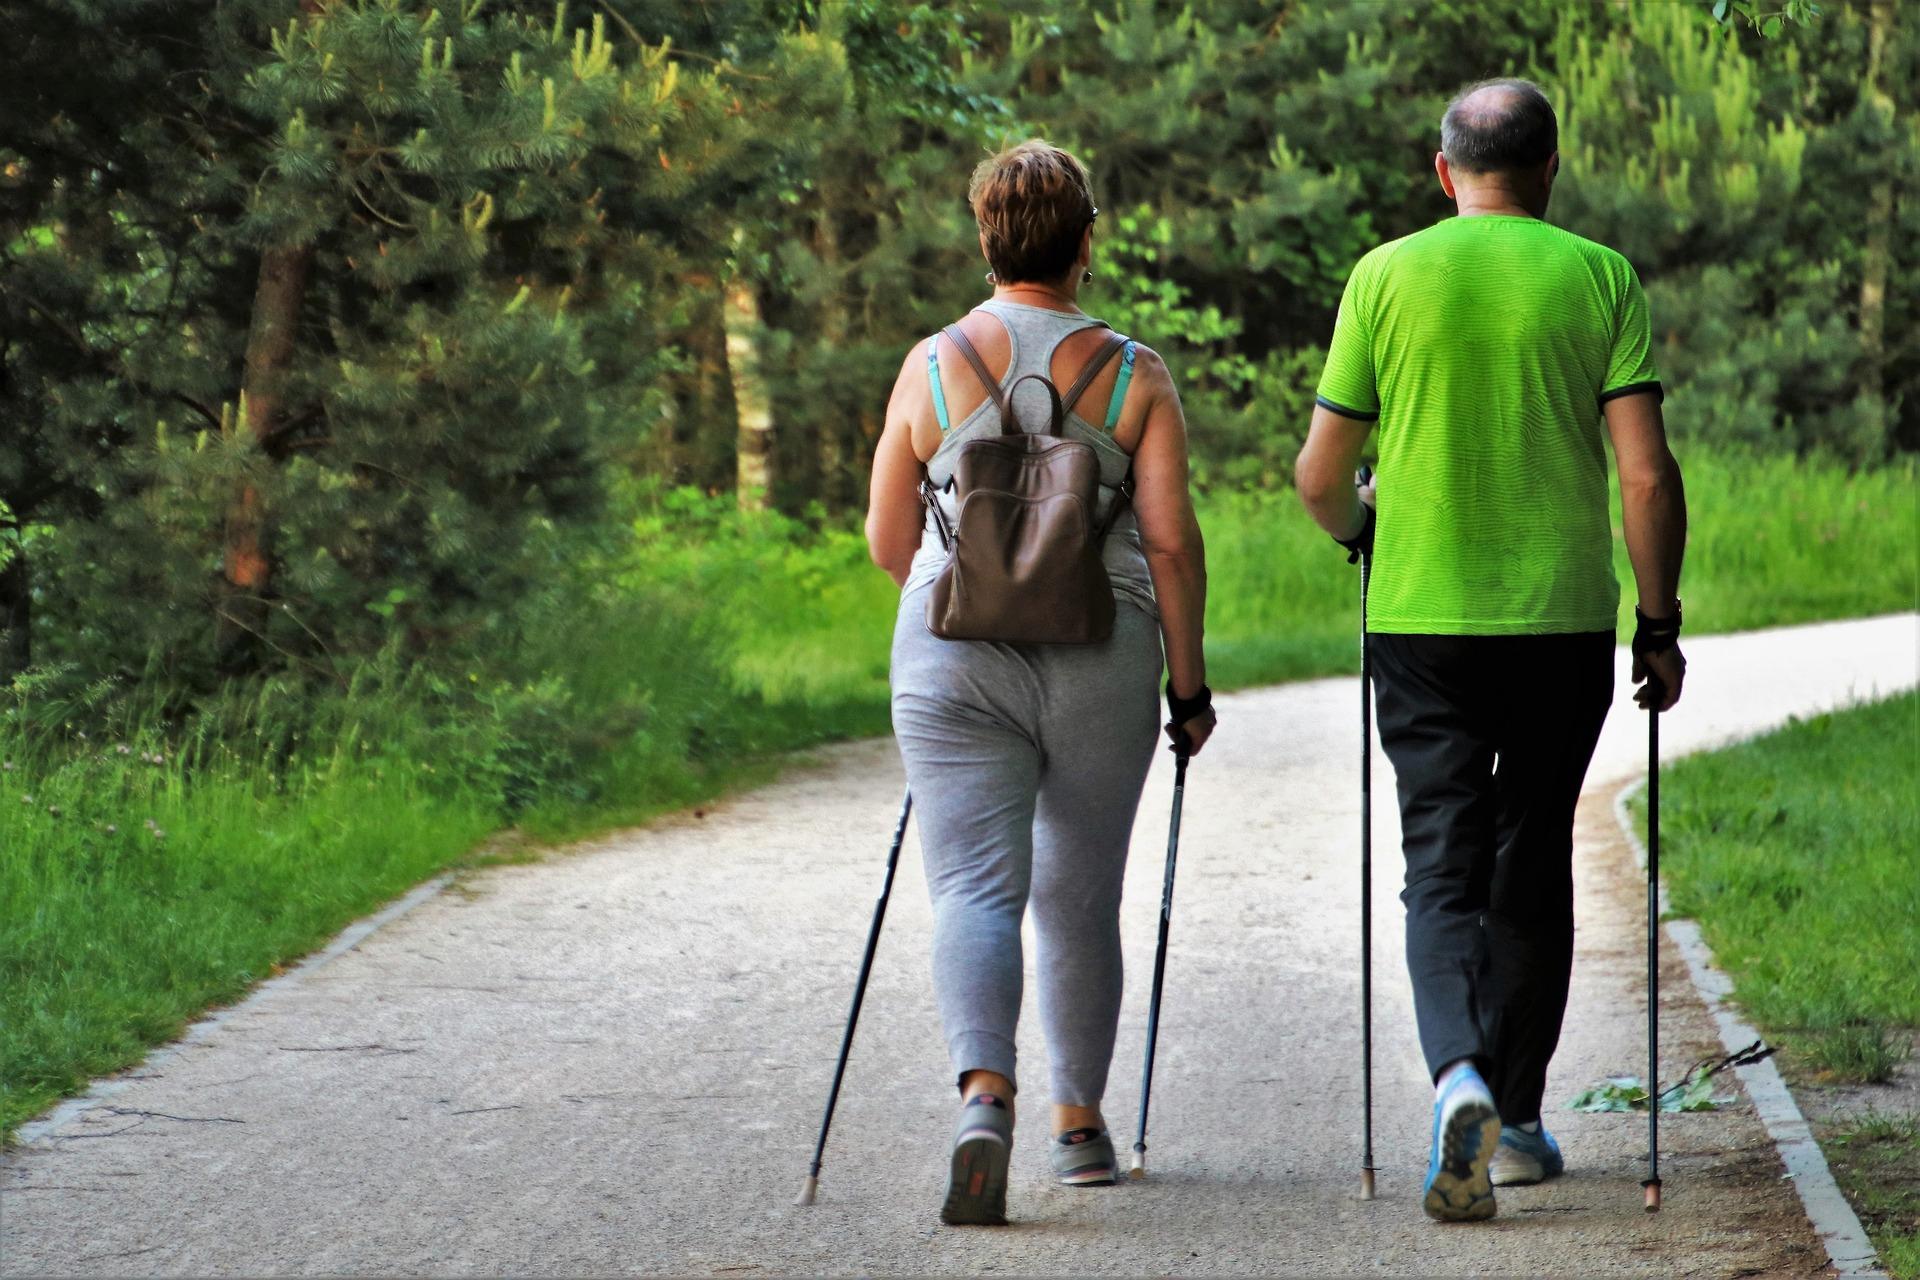 Chůze s trekovými holemi pomáhá snadněji hubnout / foto: pixabay.com